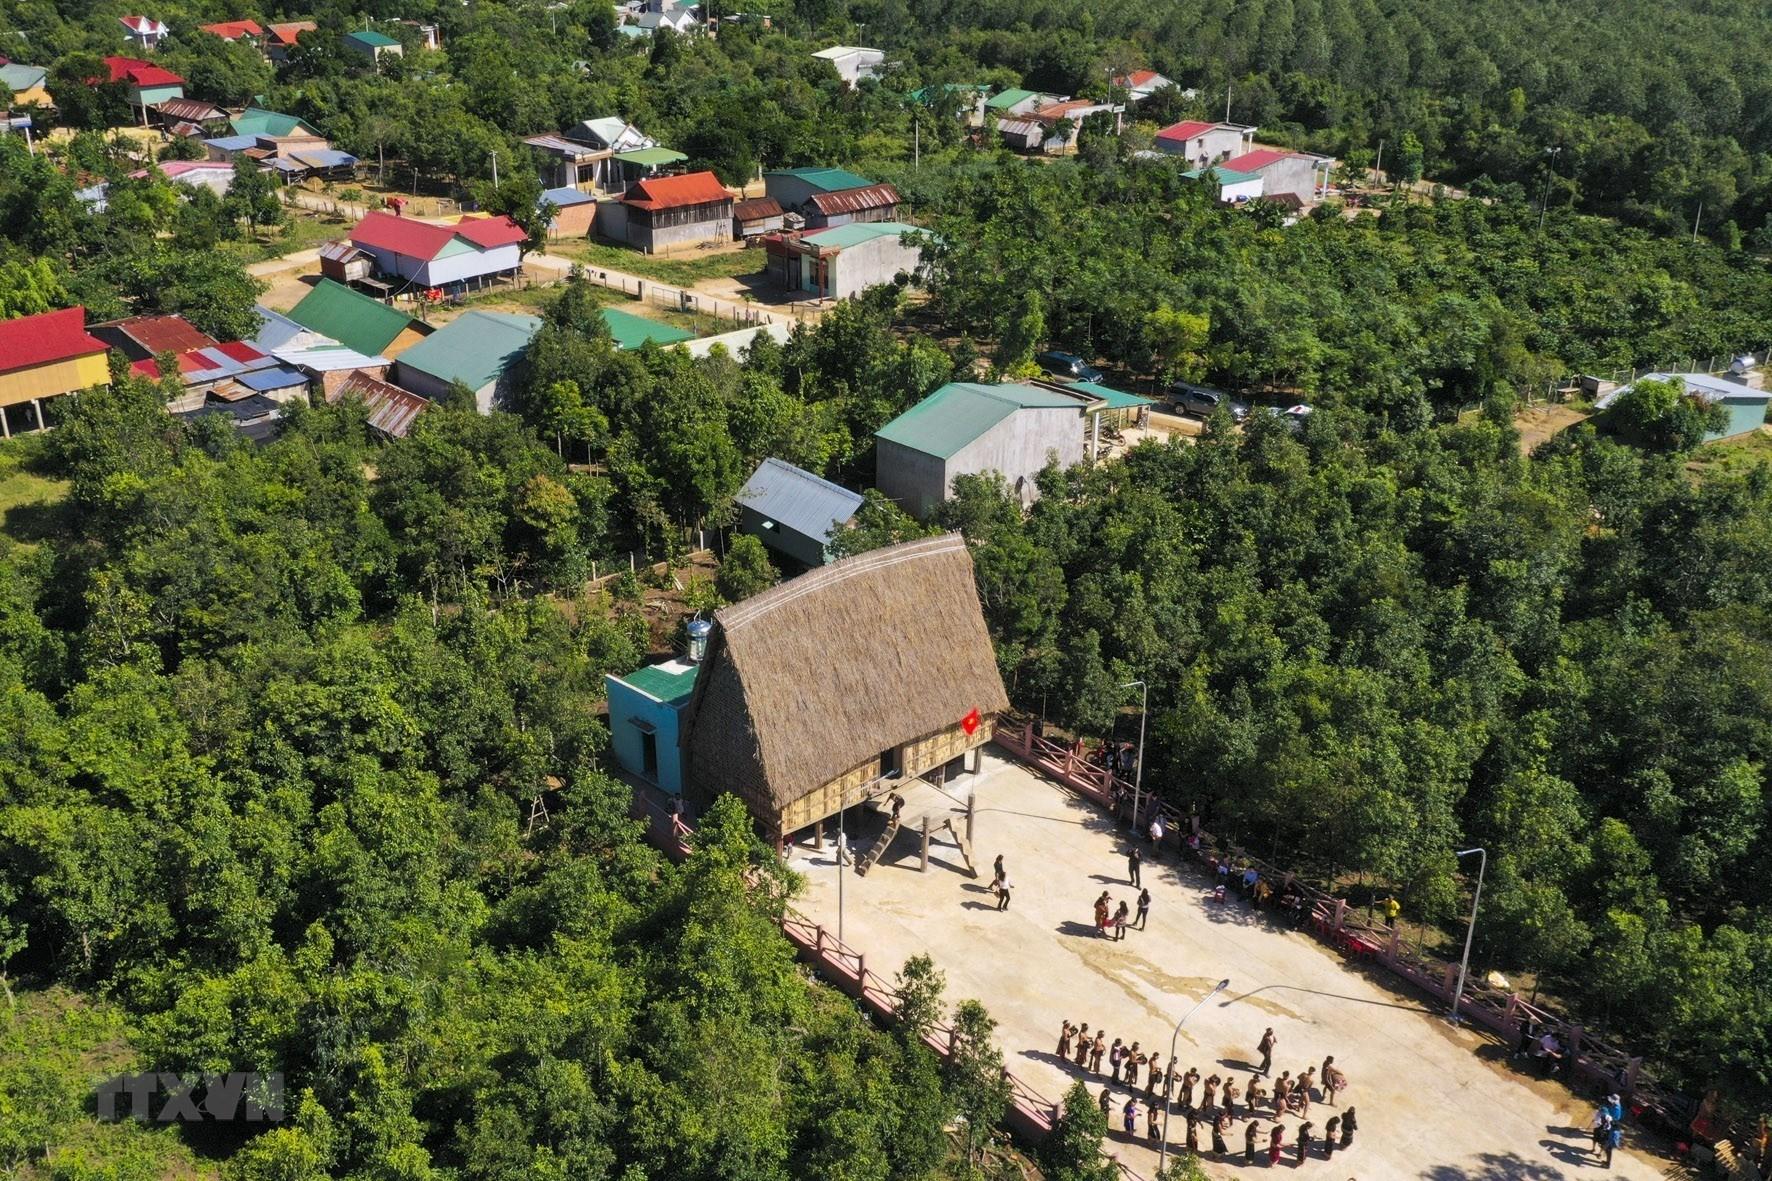 Nhà rông trong tổng thể làng Đê KJêng (xã Ayun, huyện Mang Yang, tỉnh Gia Lai)